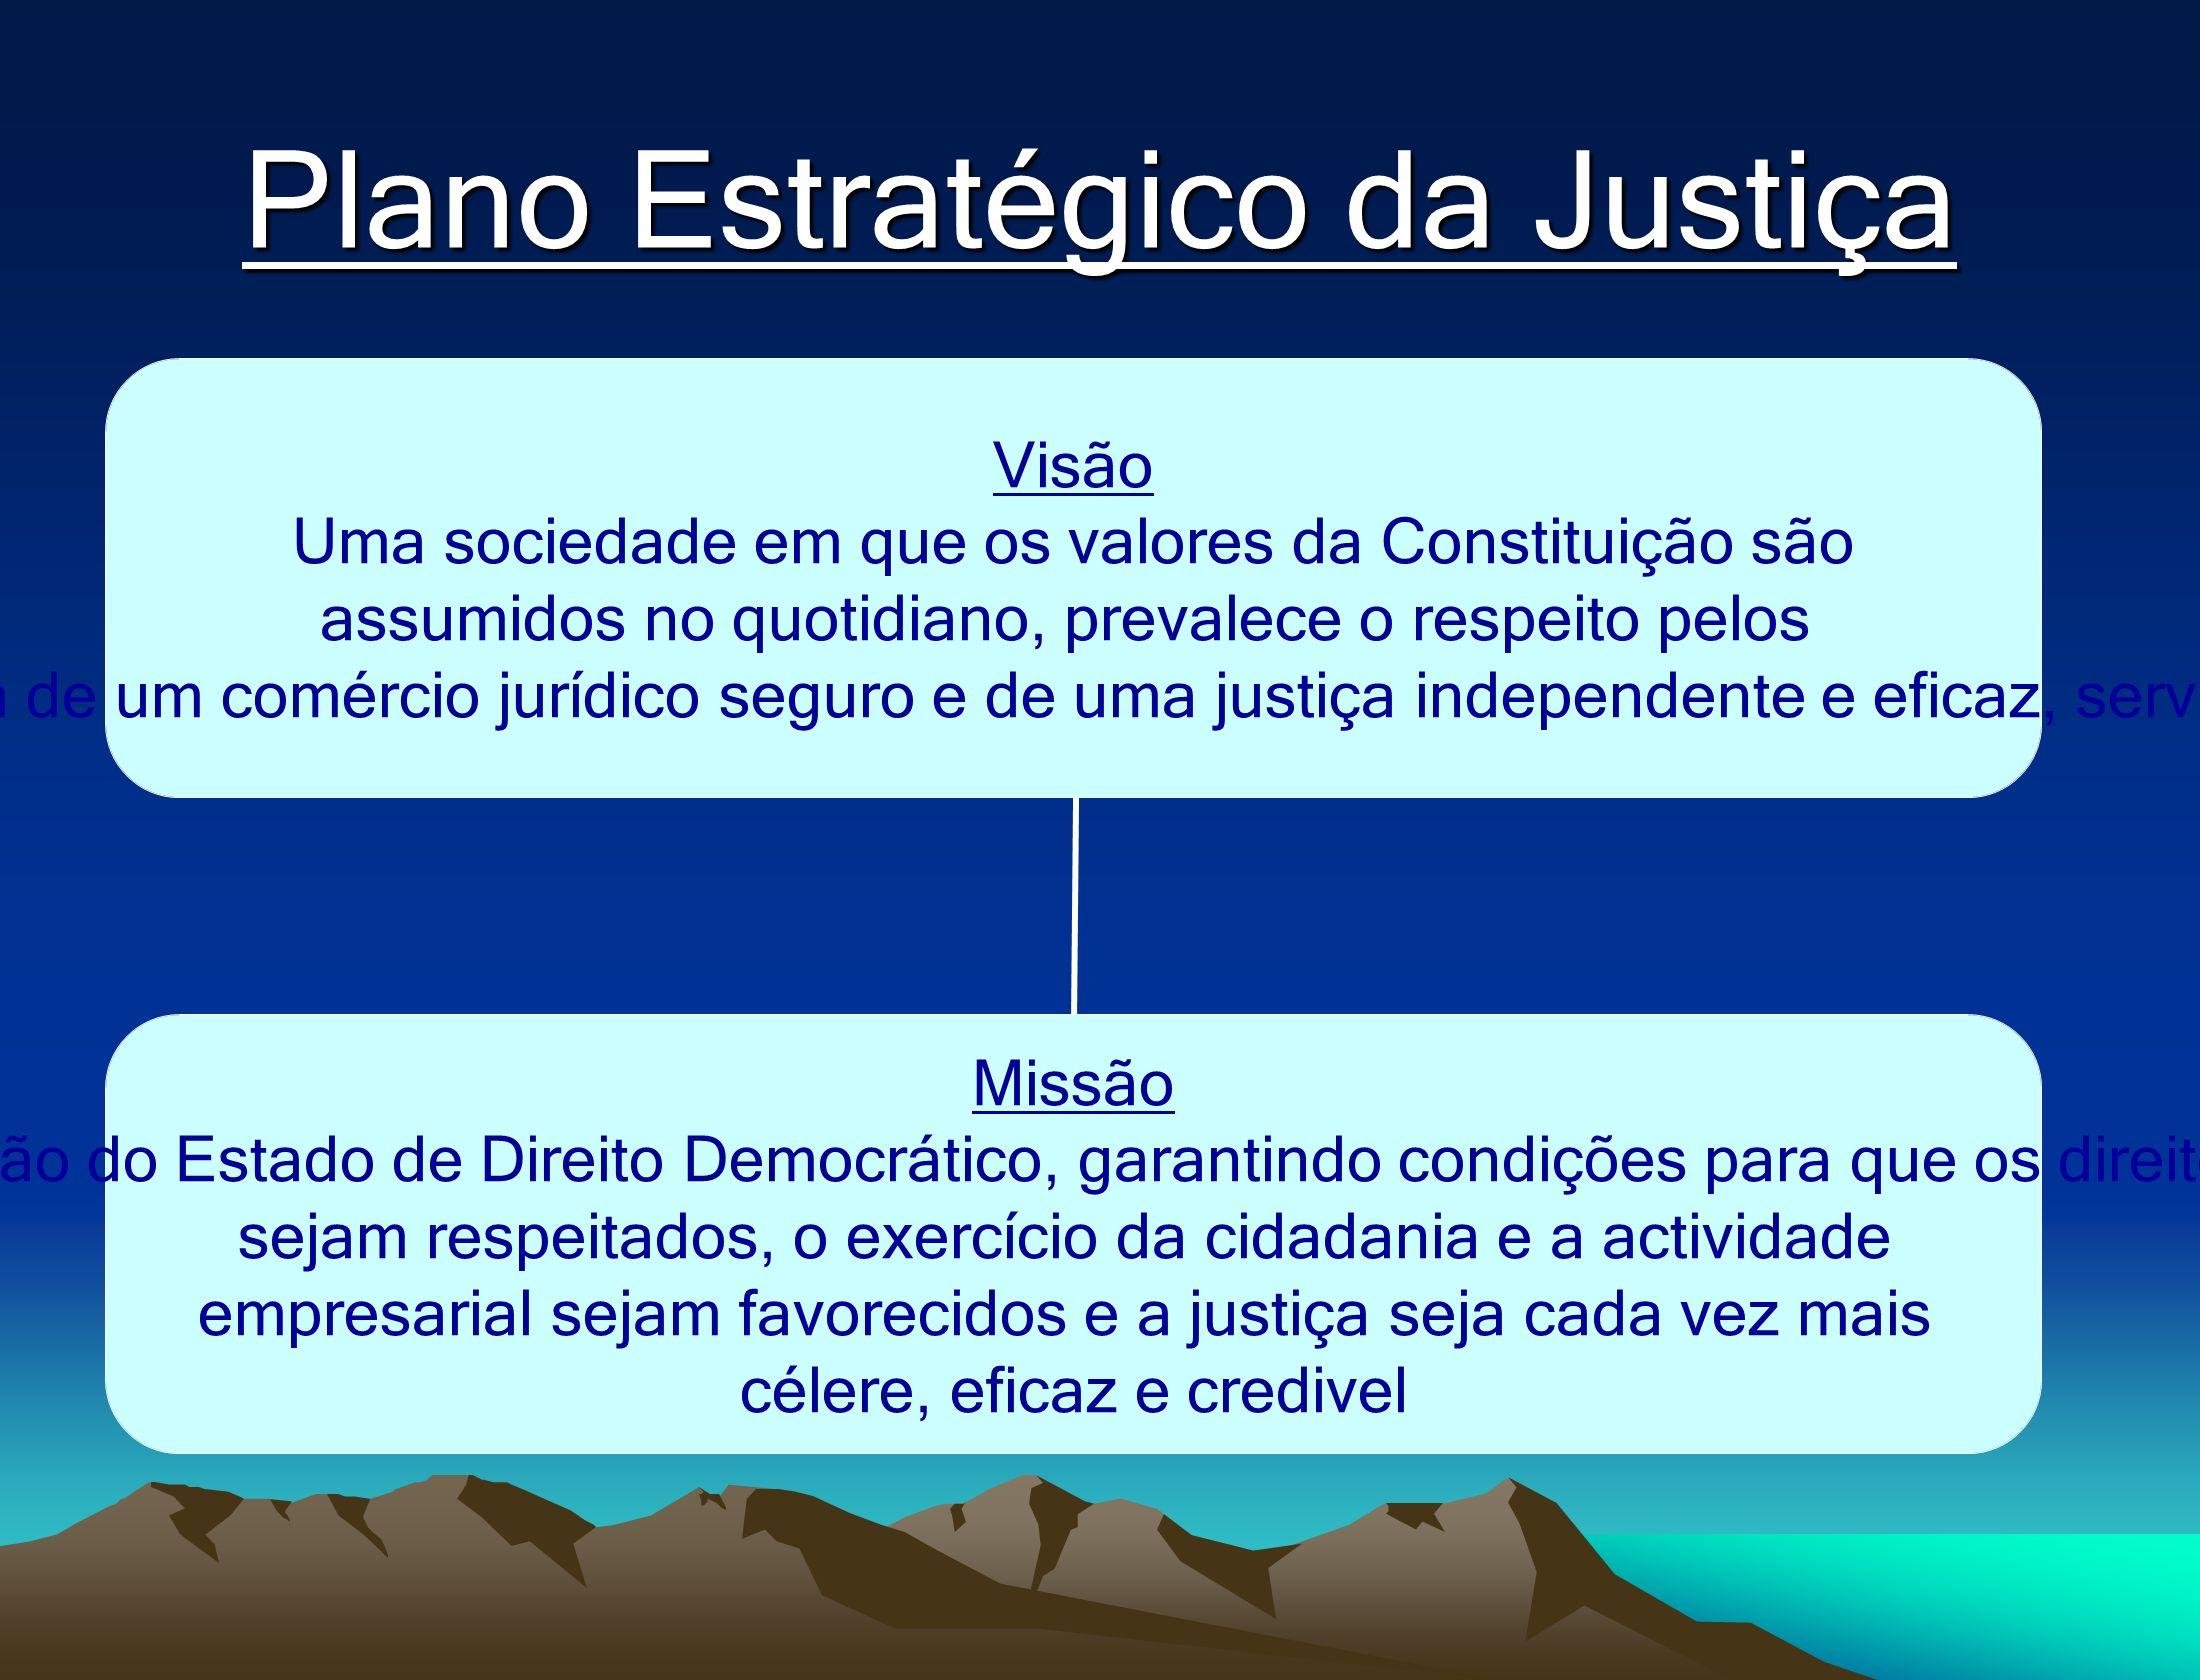 Plano Estratégico da Justiça